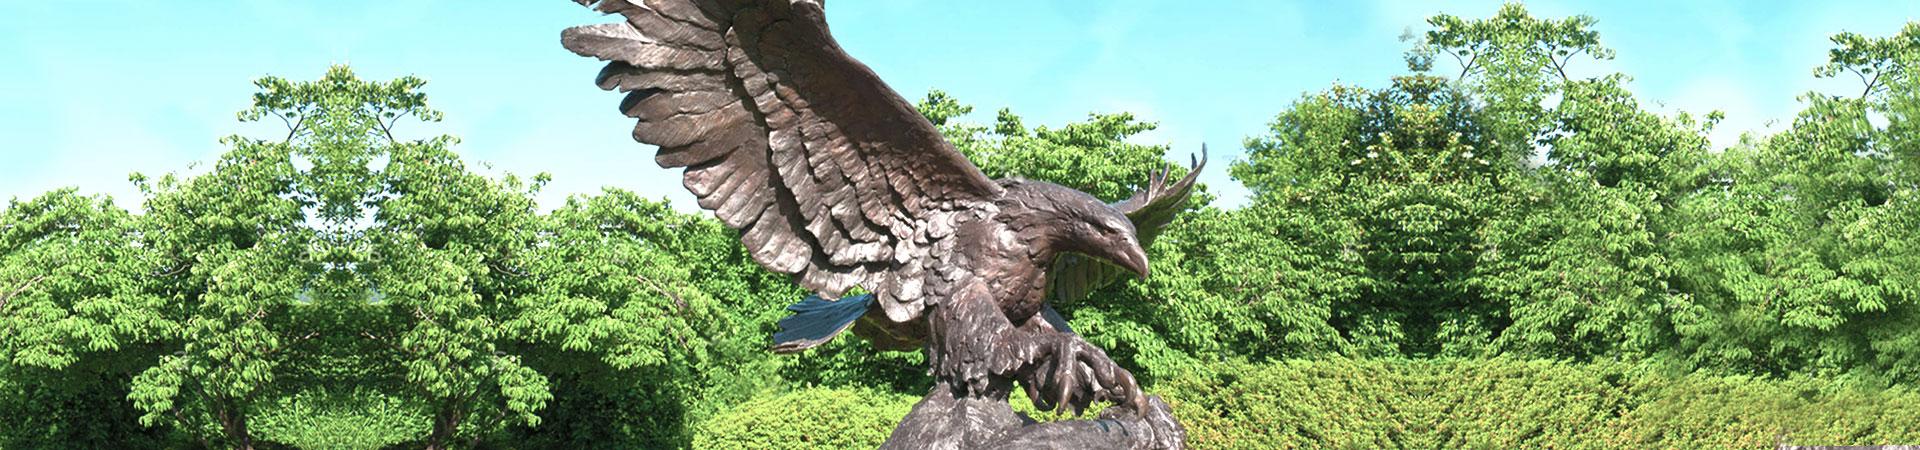 Бронзовая скульптура льва &Медная скульптура  льва